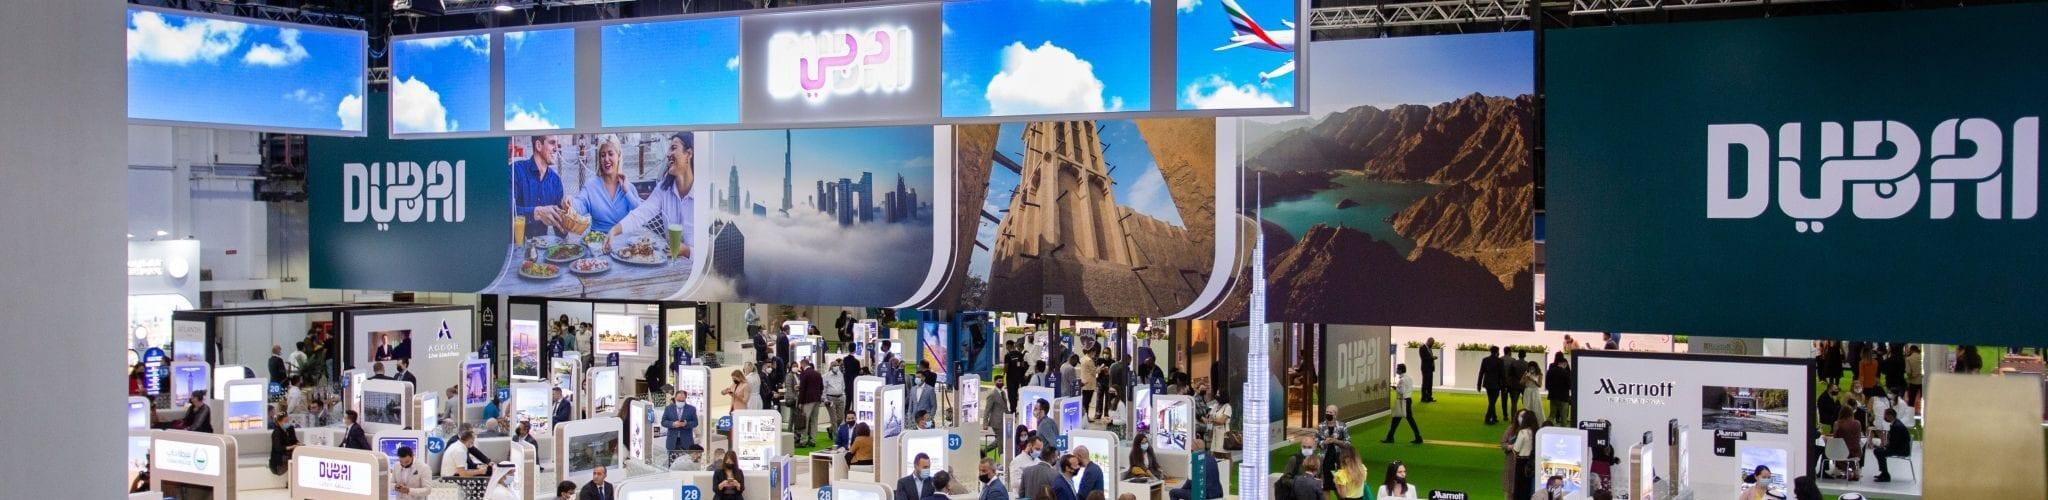 Arabian Travel Market Dubai asettaa uuden trendin, mutta kysymyksiä ei sallita